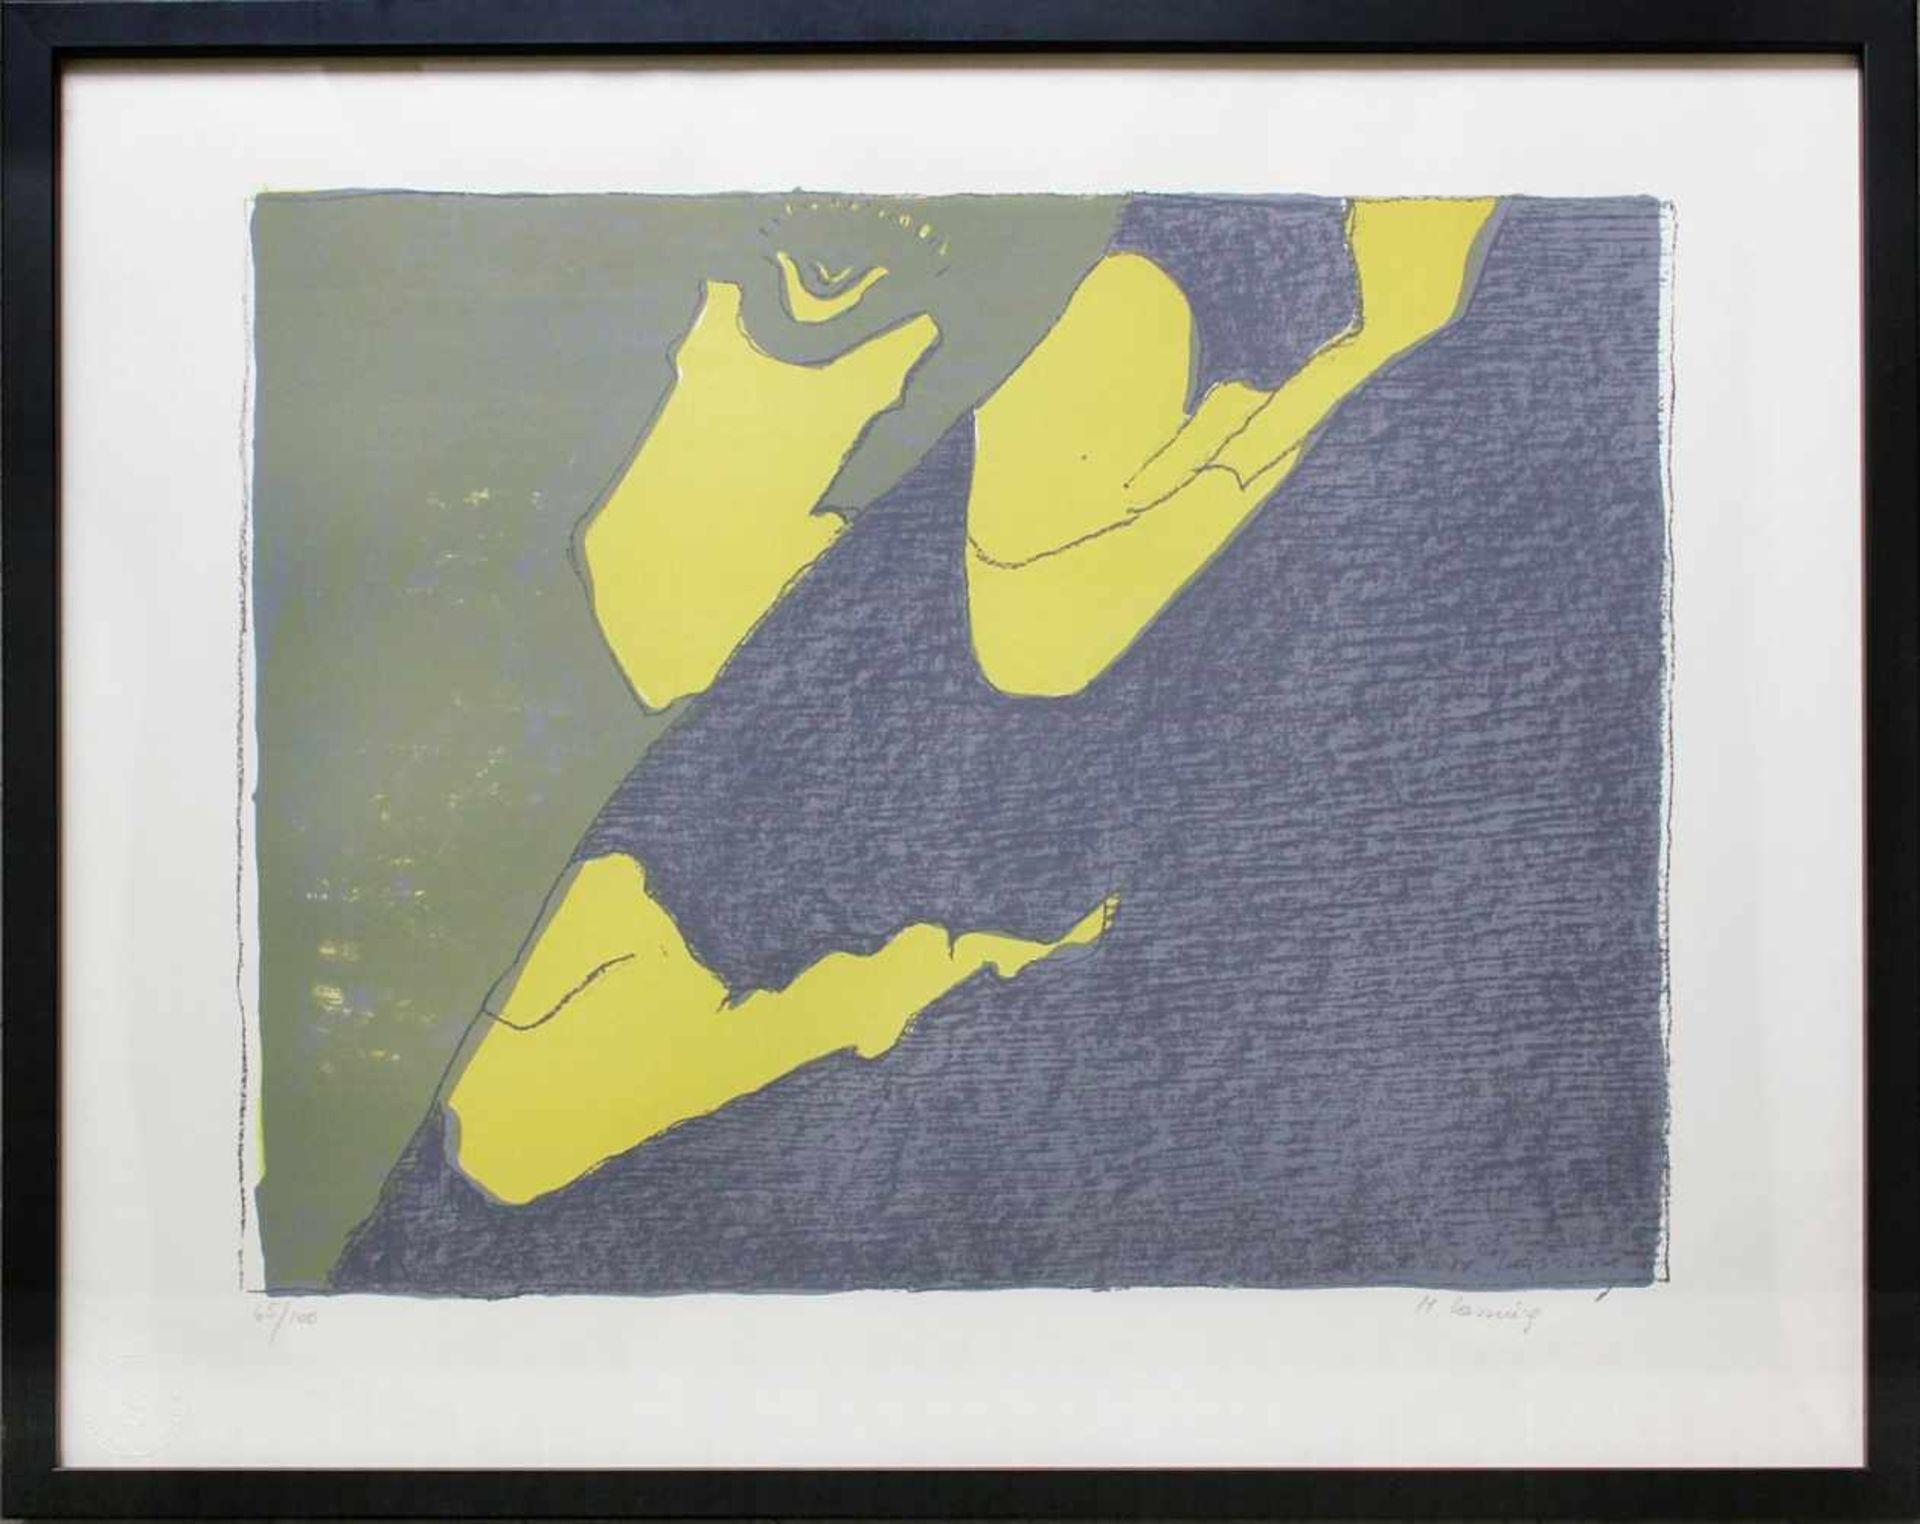 Maria Lassnig 1919-2014 o.T. 1980 Farblithographie handsigniert und nummeriert 65/100 50 x 60 cm - Bild 2 aus 4